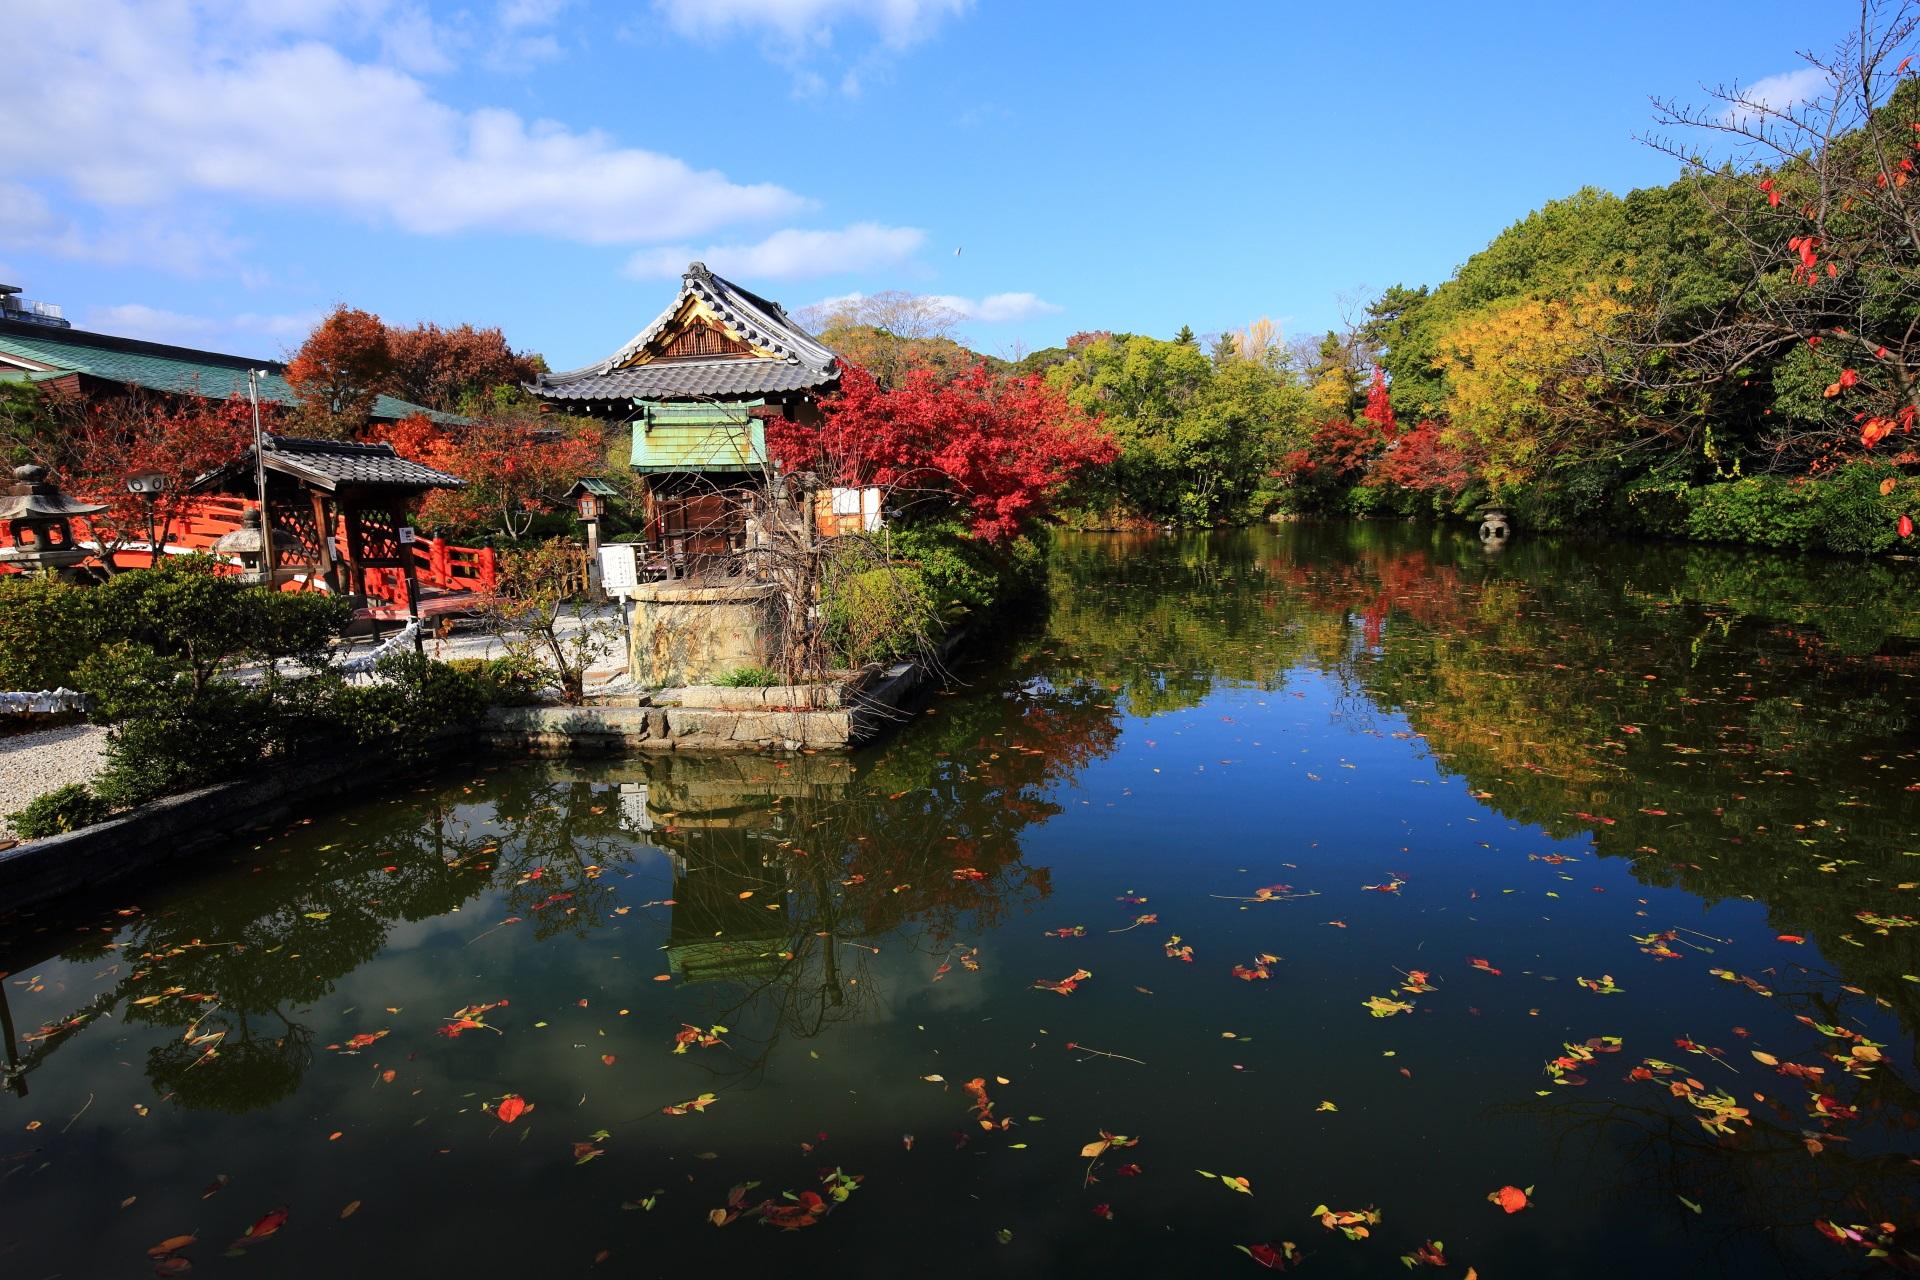 神泉苑の素晴らしい紅葉や水鏡と秋の情景